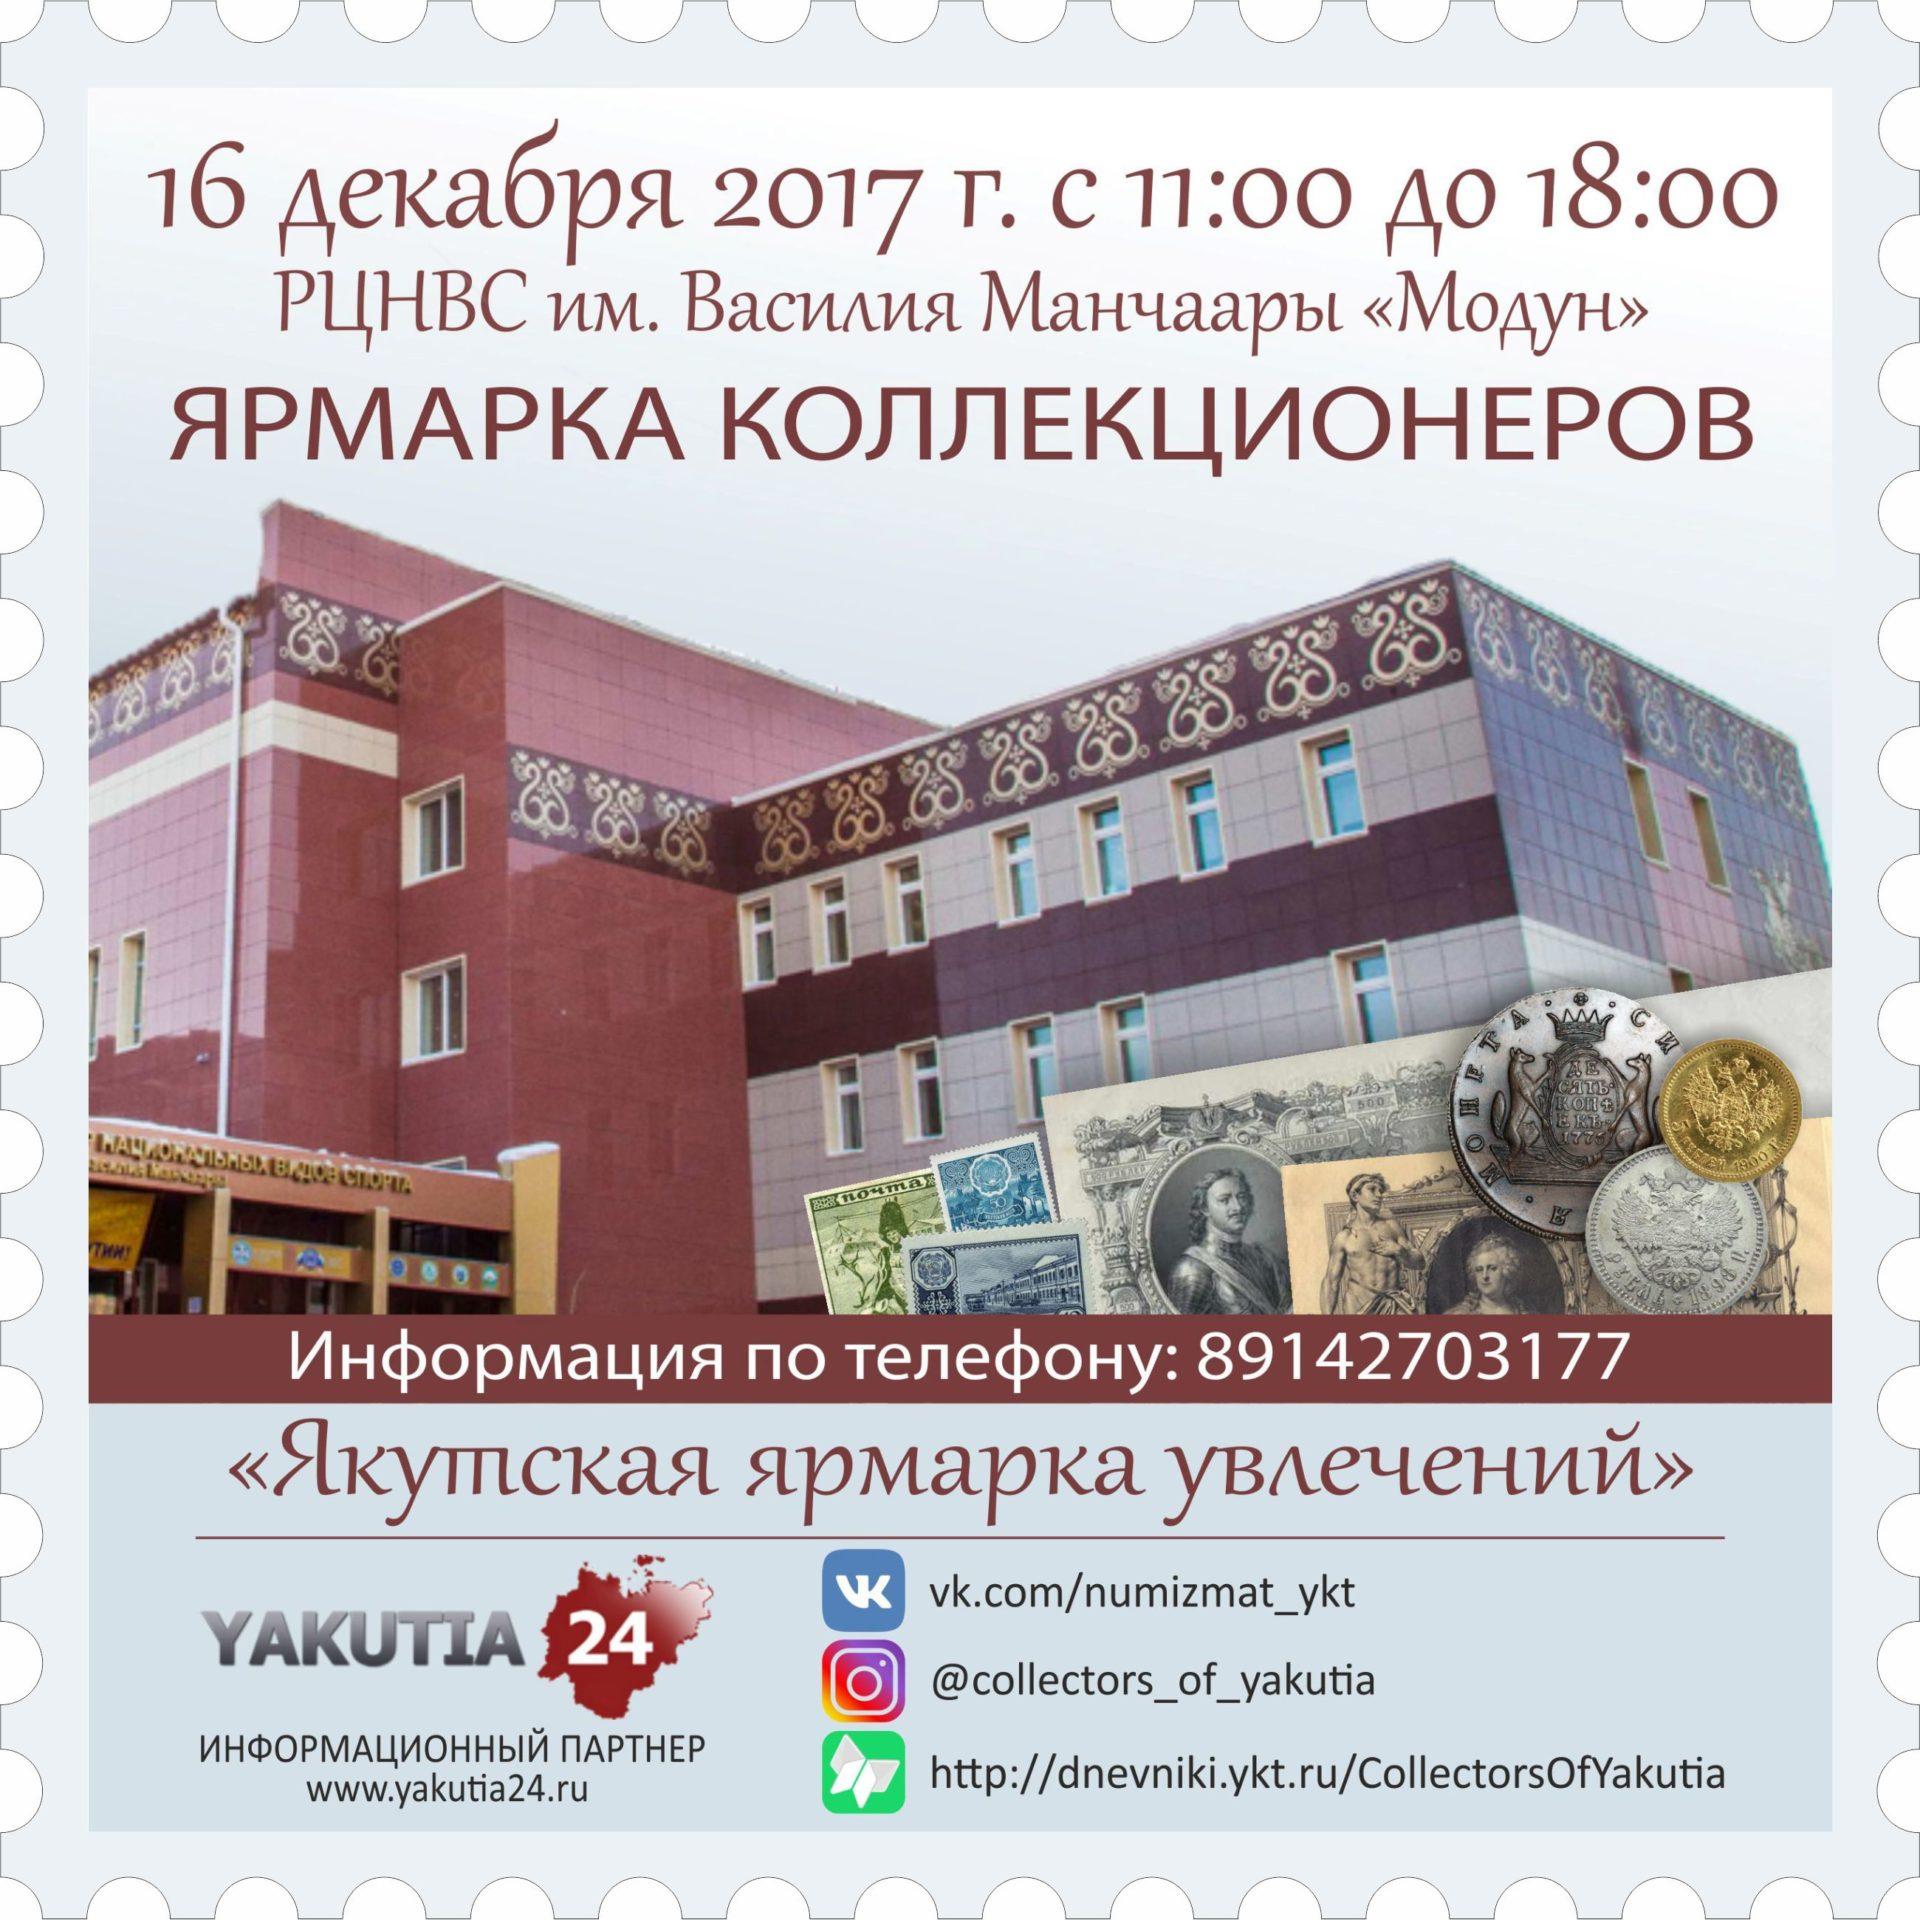 16 декабря состоится ярмарка коллекционеров